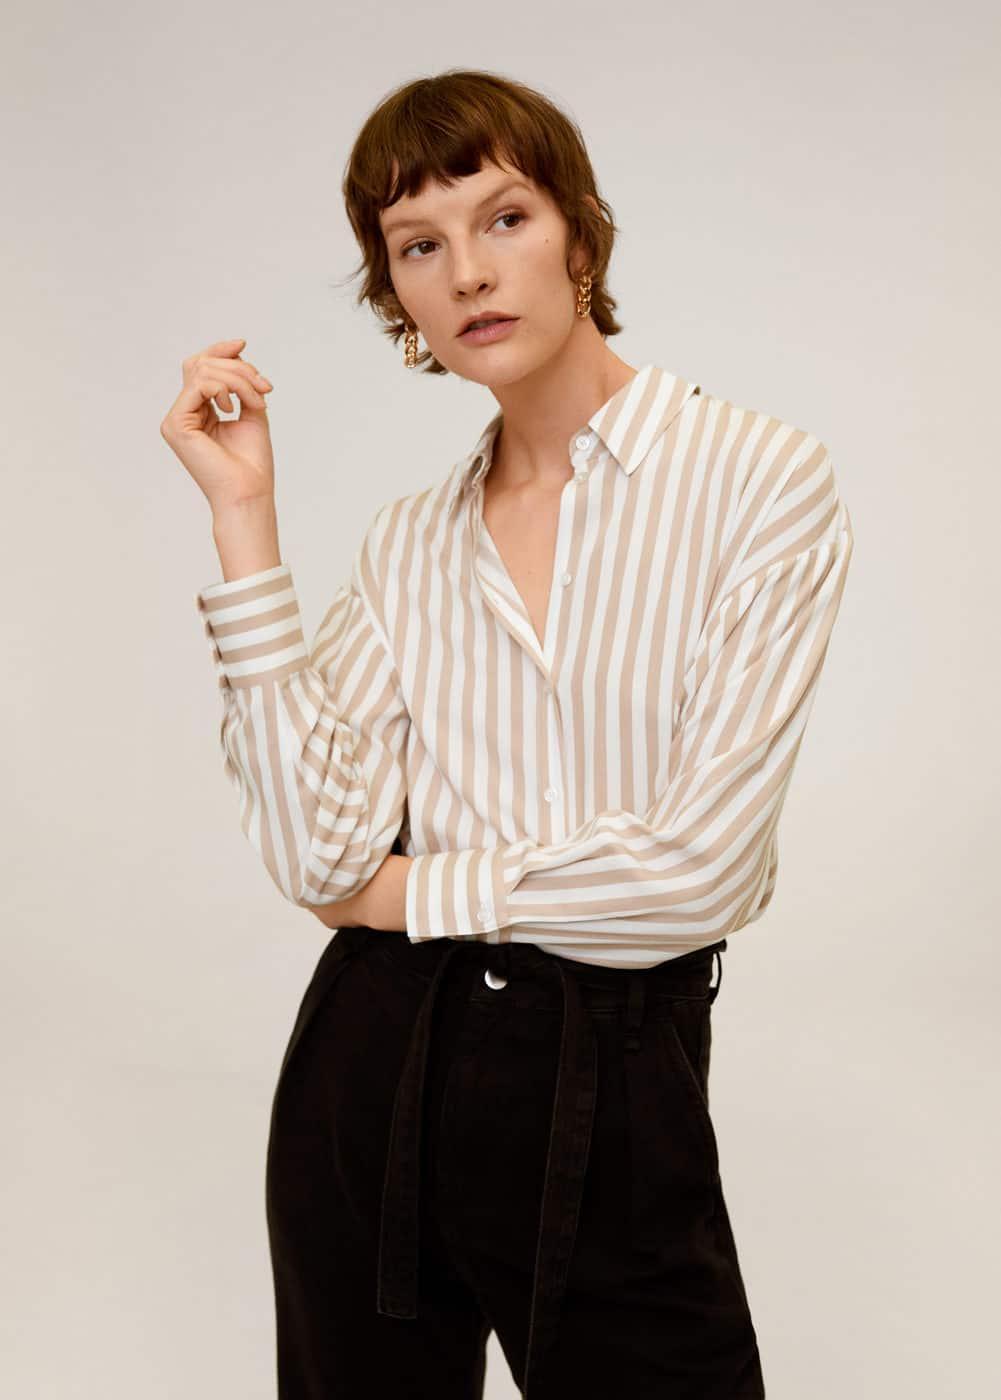 Струящаяся рубашка с принтом -  Женская | Mango МАНГО Россия (Российская Федерация)